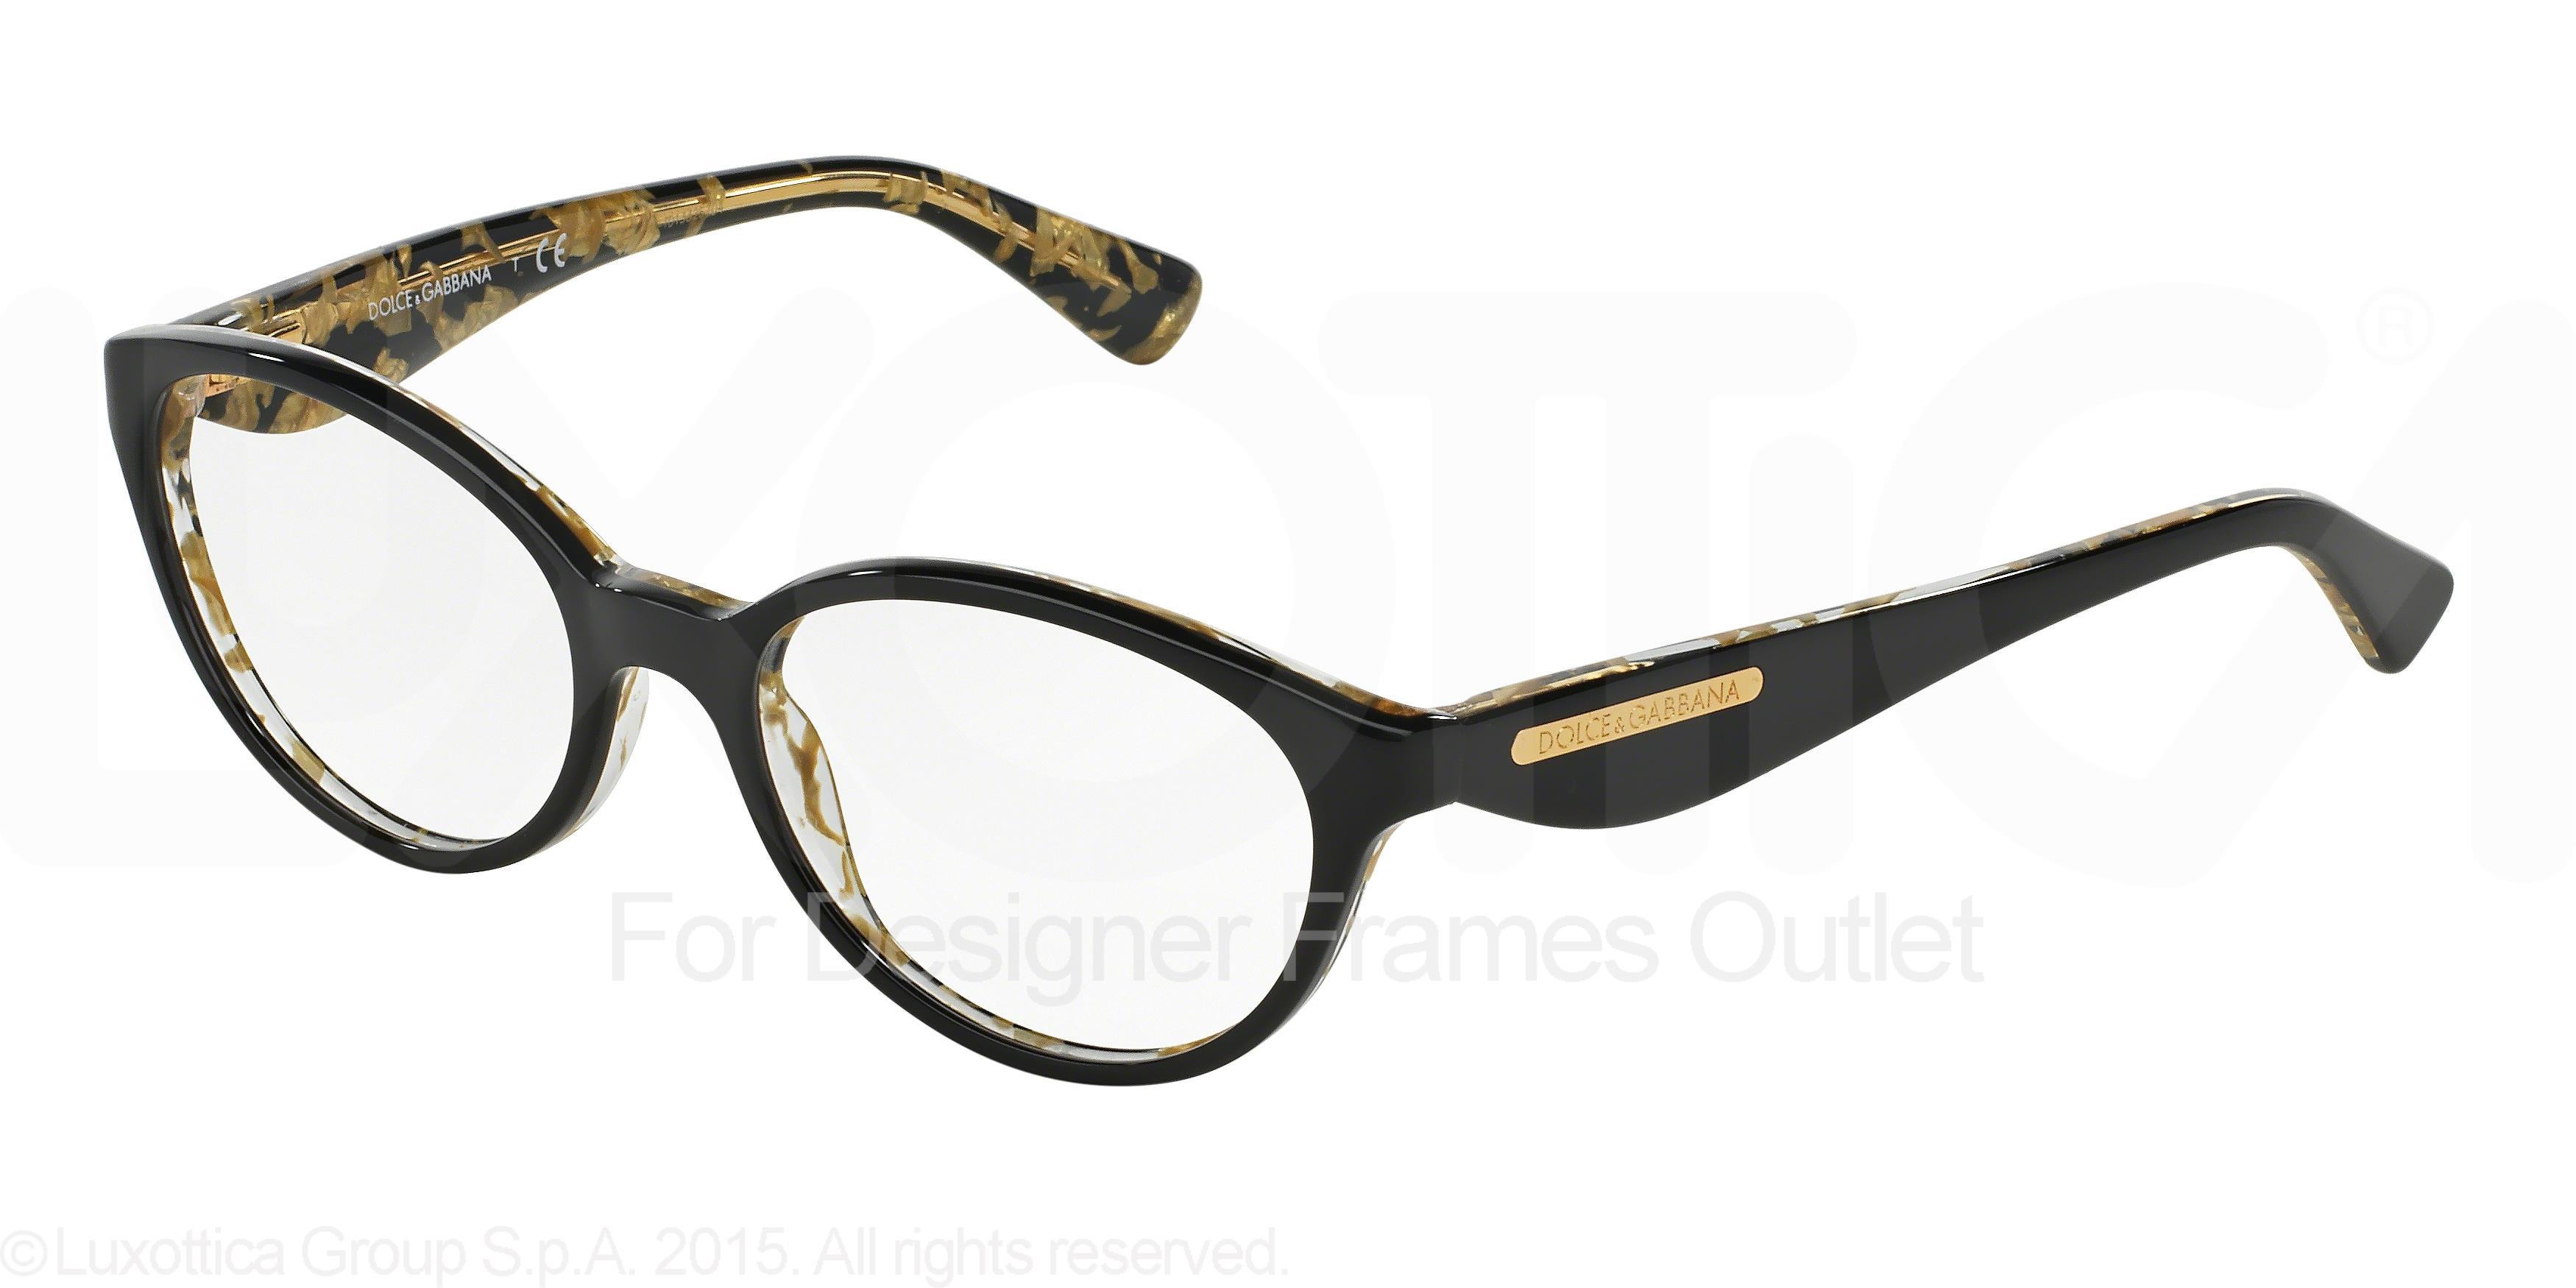 Eyeglasses, Dolce & Gabbana - Designer Frames Outlet